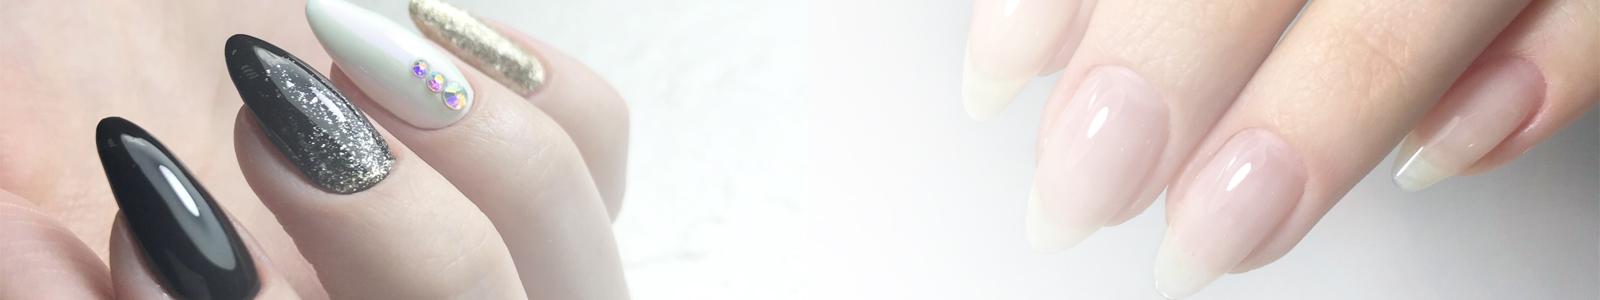 Базовый курс маникюра «Комбинированный маникюр, покрытие, дизайн»